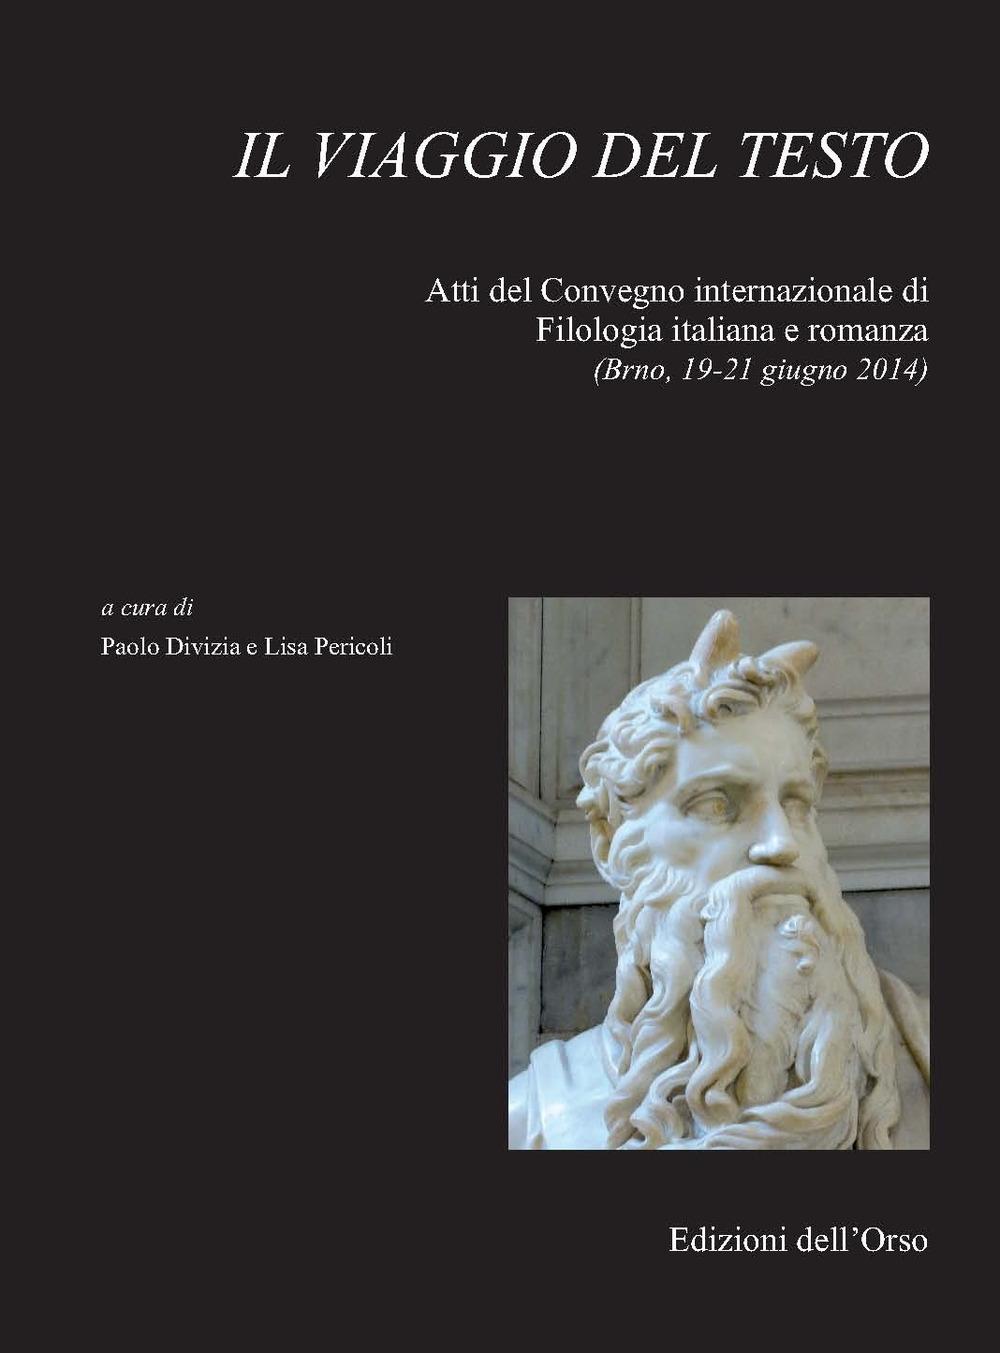 Il viaggio del testo. Atti del Convegno internazionale di filologia italiana e romanza (Brno, 19-21 giugno 2014)